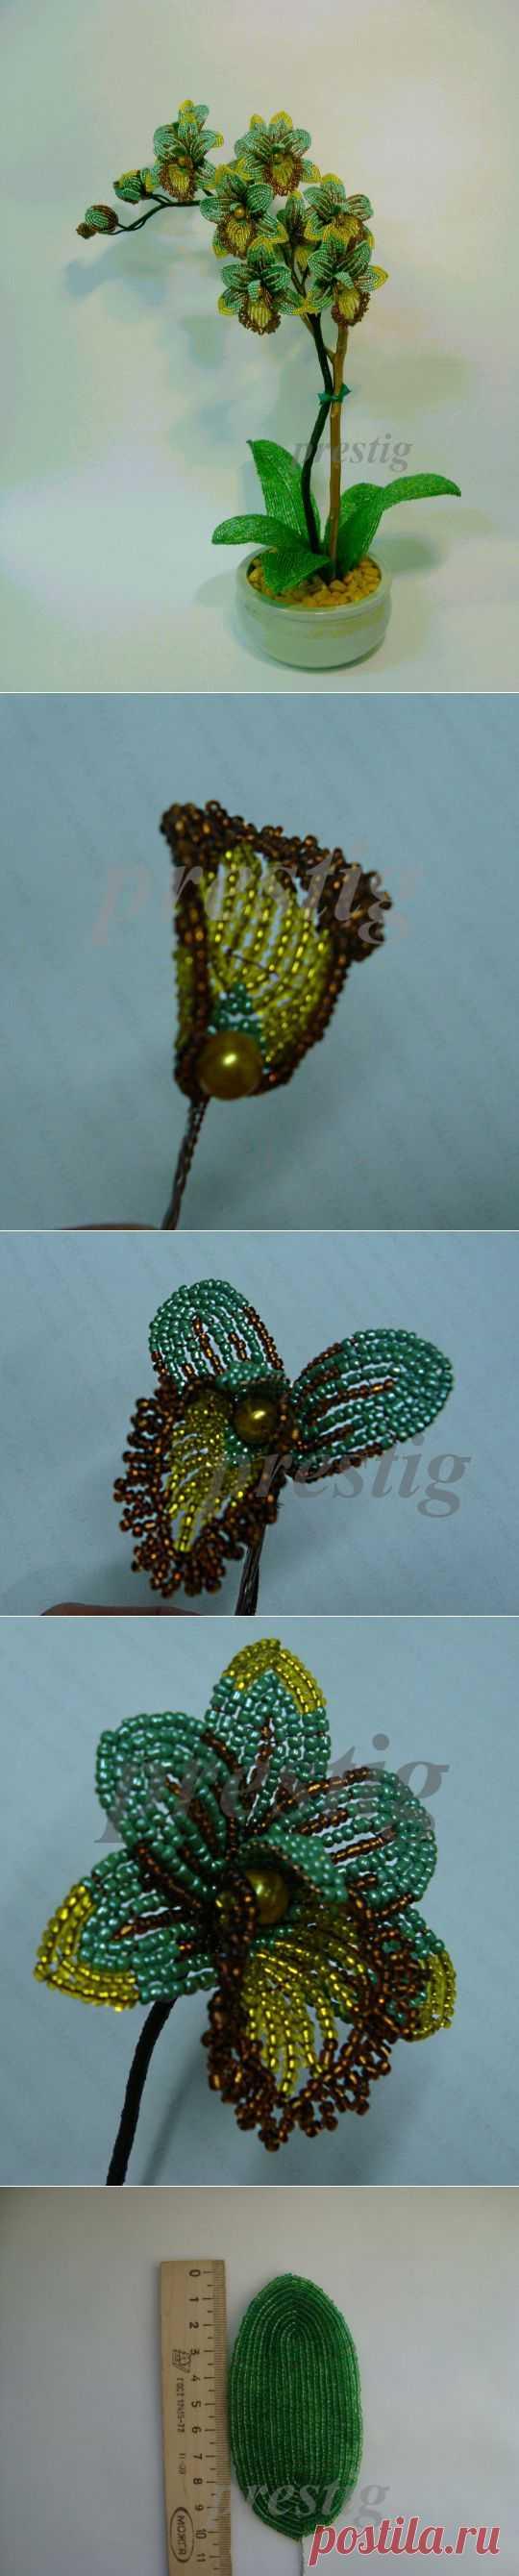 (+1) сообщ - Орхидея из бисера своими руками | СДЕЛАЙ САМ!